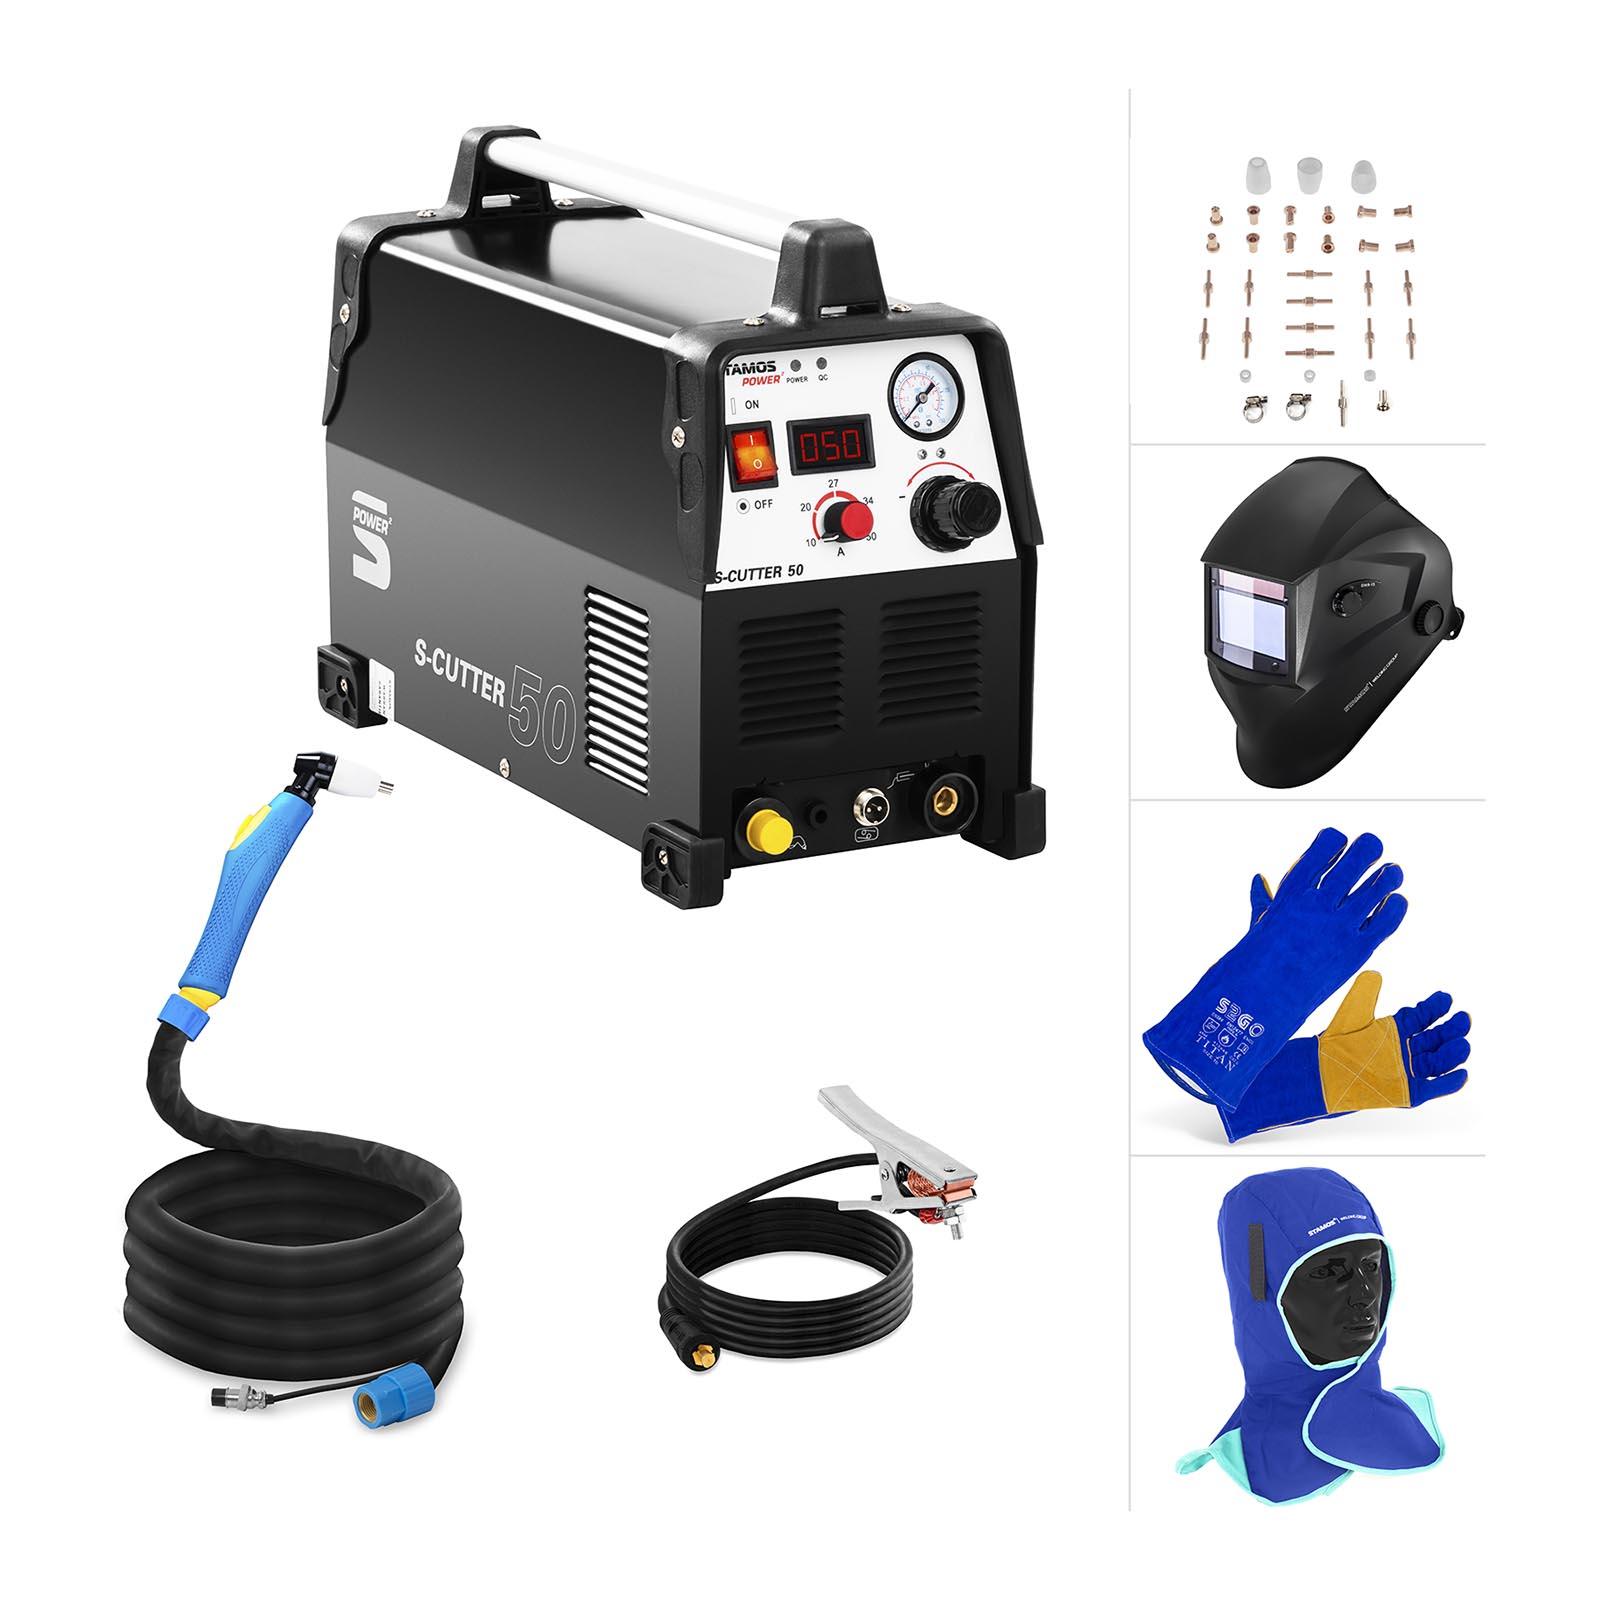 Stamos Power ² Plasmaschneider Set - 50 A- Schweißhelm - Schutzkleidung S-Cutter 50 Plasma Set 1